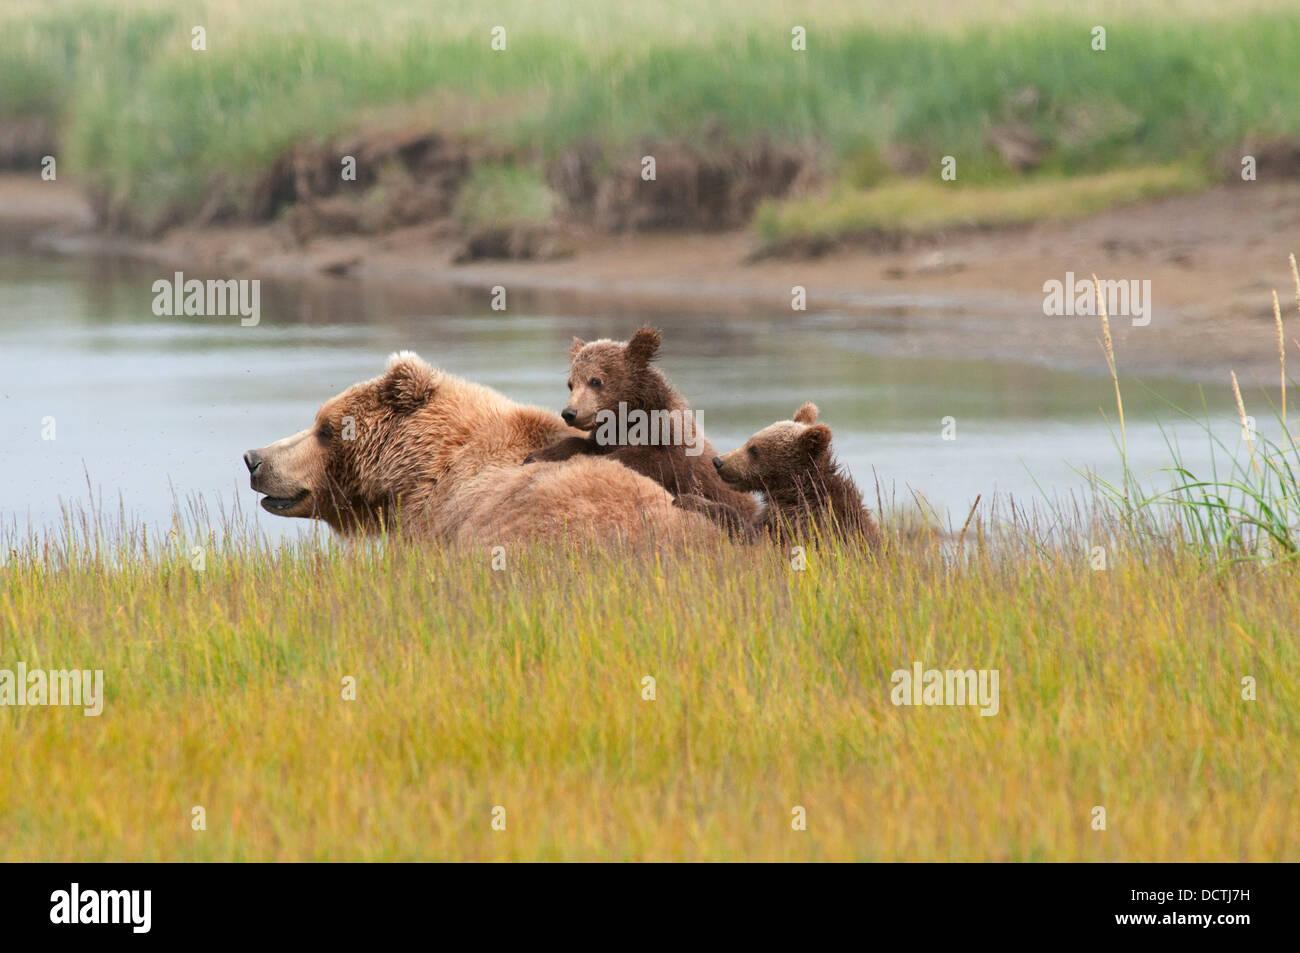 Un Ours brun (Ursus arctos horribilis) avec ses deux petits, Alaska, États-Unis d'Amérique Photo Stock